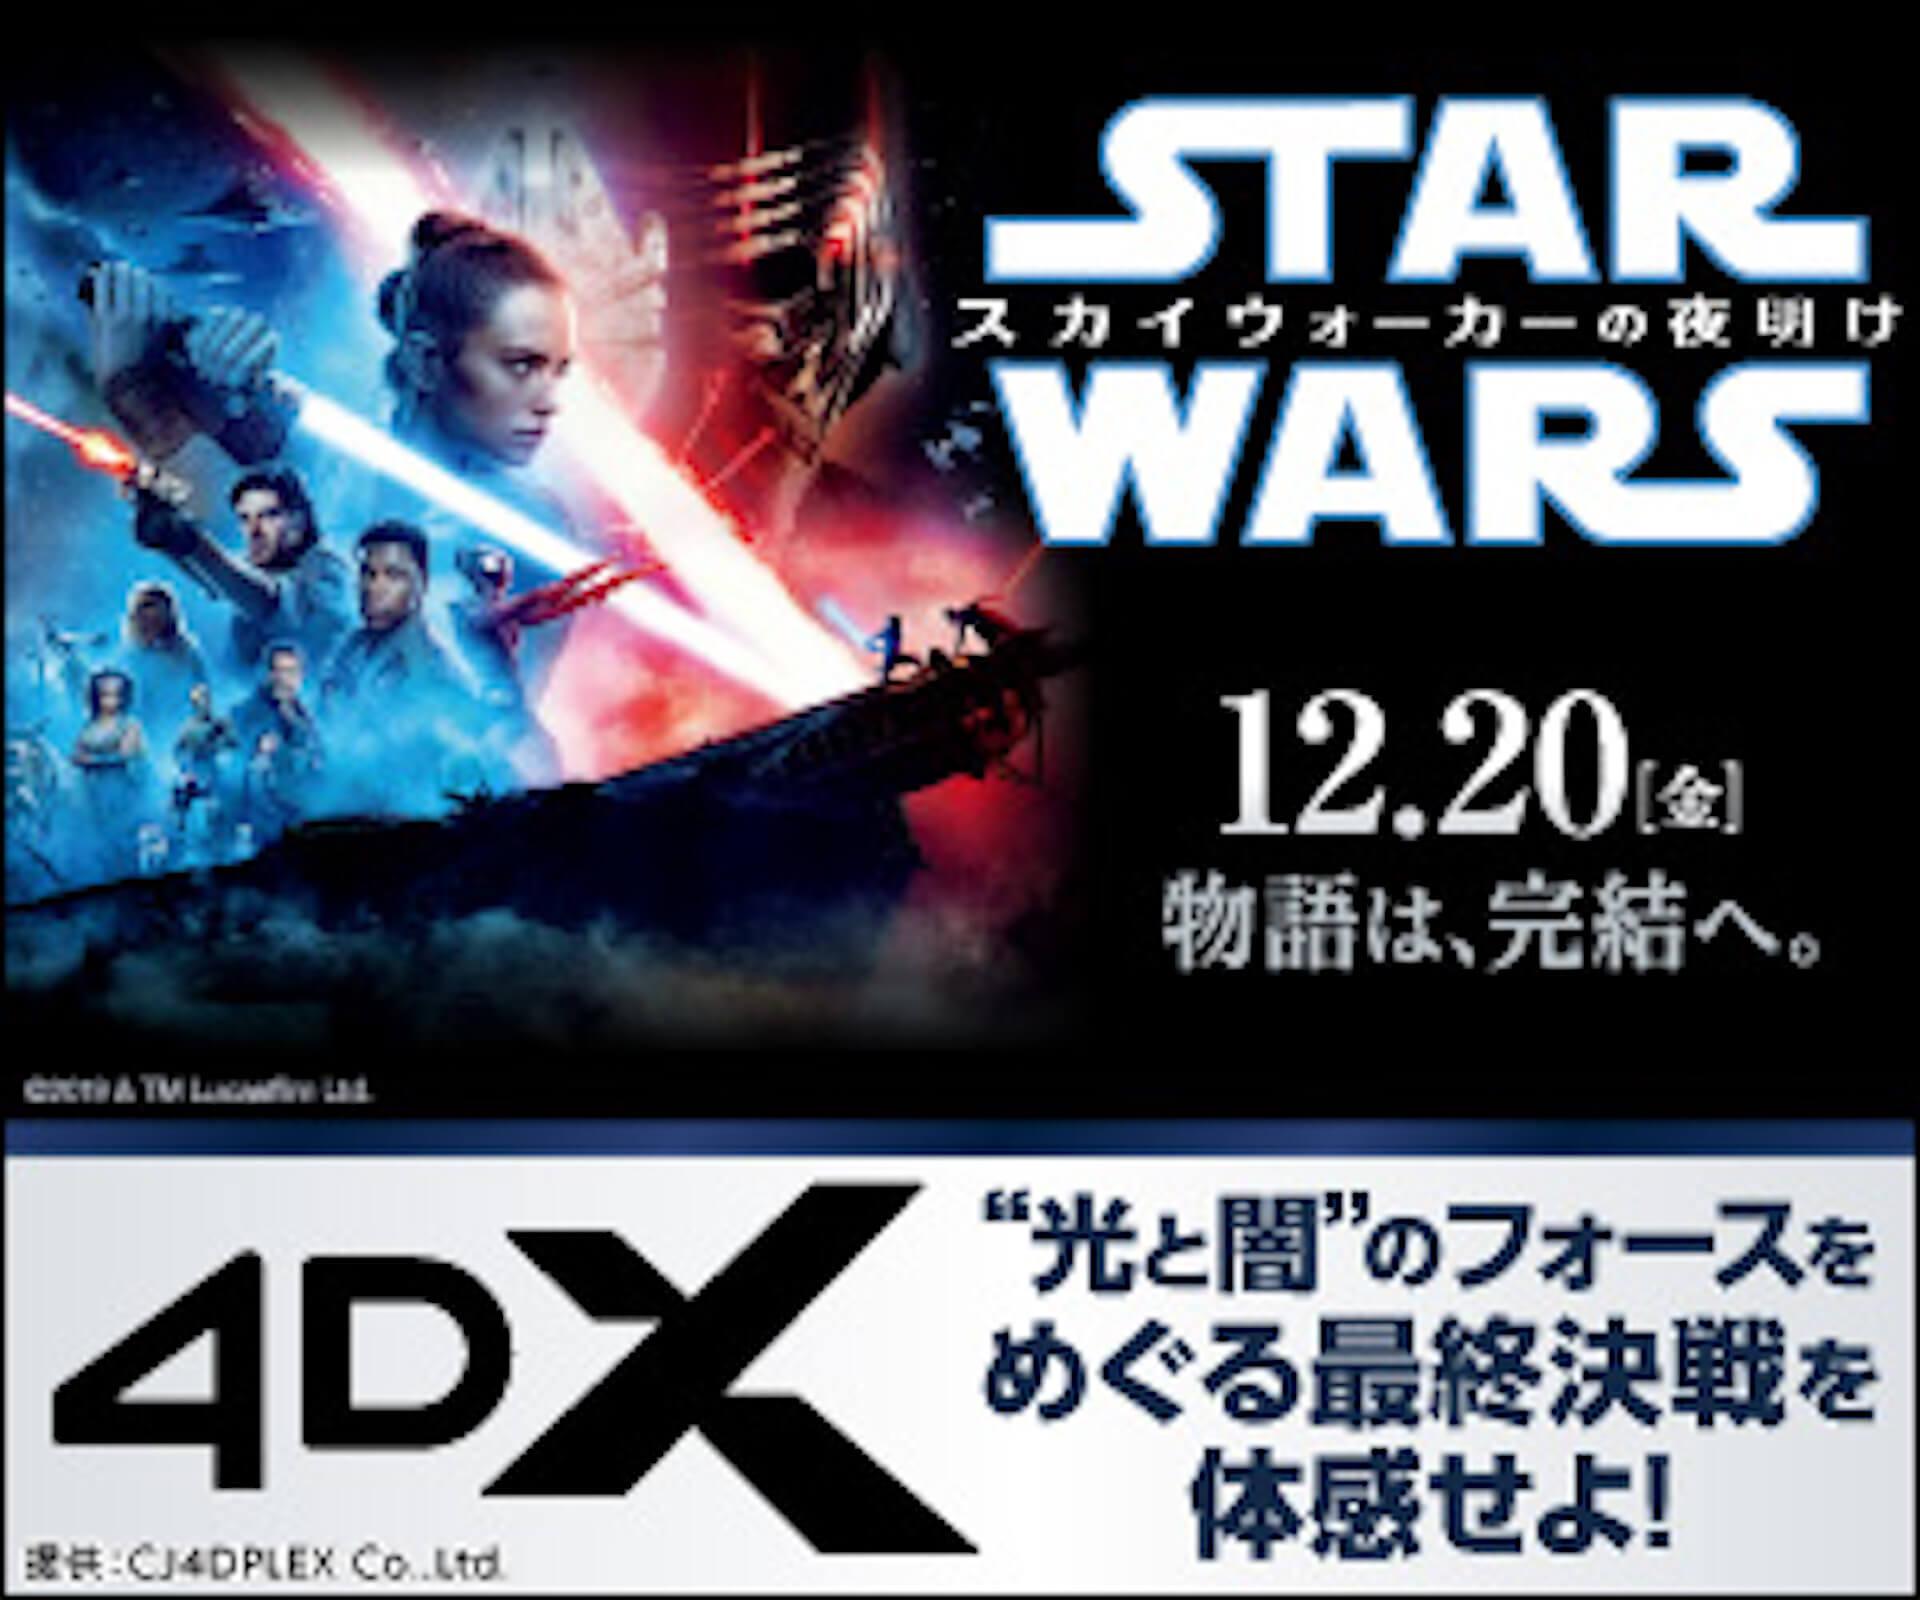 明日公開『スター・ウォーズ/スカイウォーカーの夜明け』を4DXの大迫力で体感せよ!4DXの感覚を体験できるVR動画が公開 film191219_starwars_4dx_1